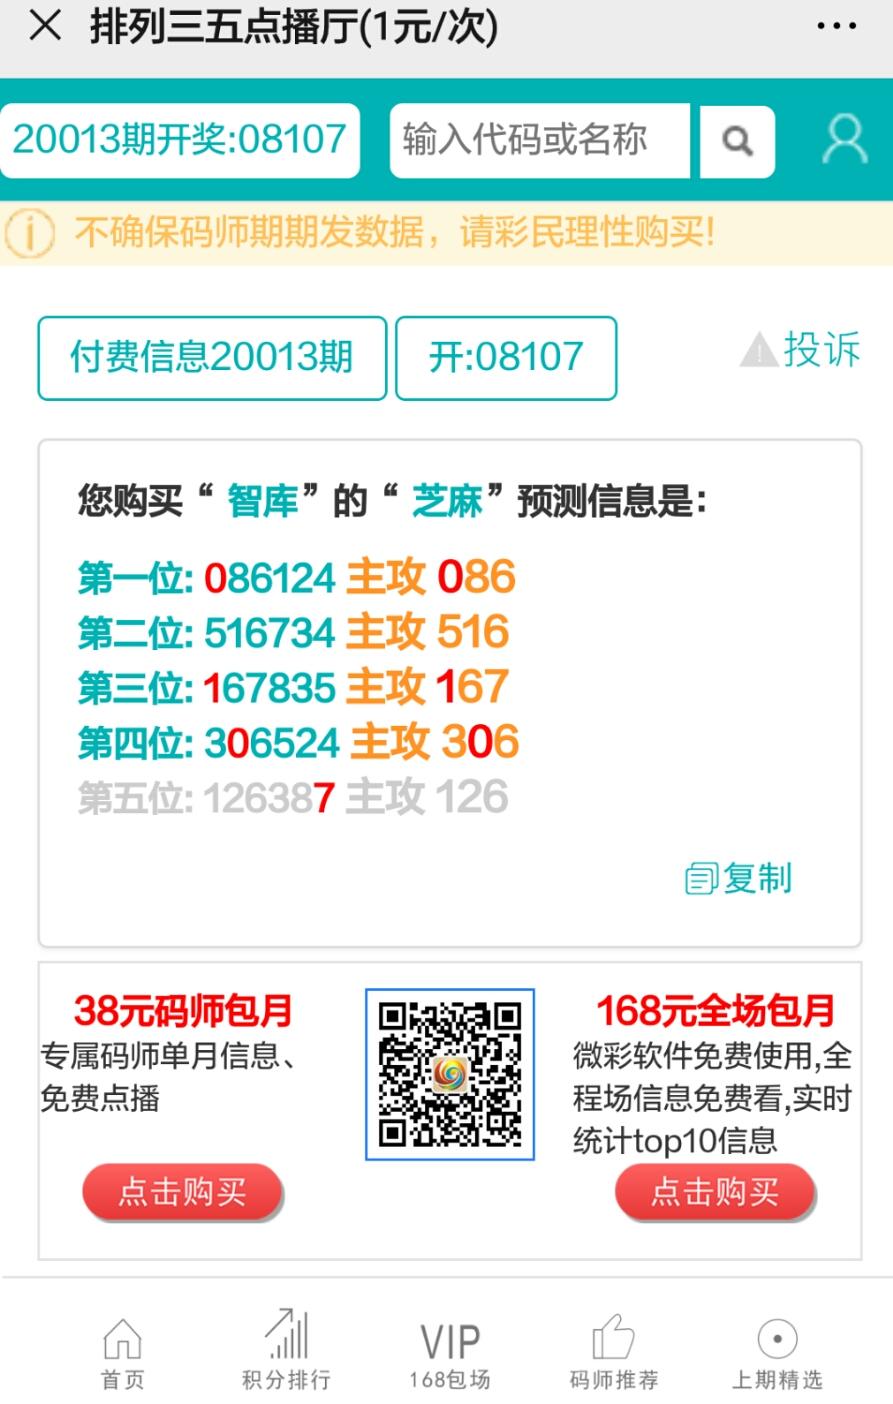 Screenshot_2020-01-13-21-05-35.jpg